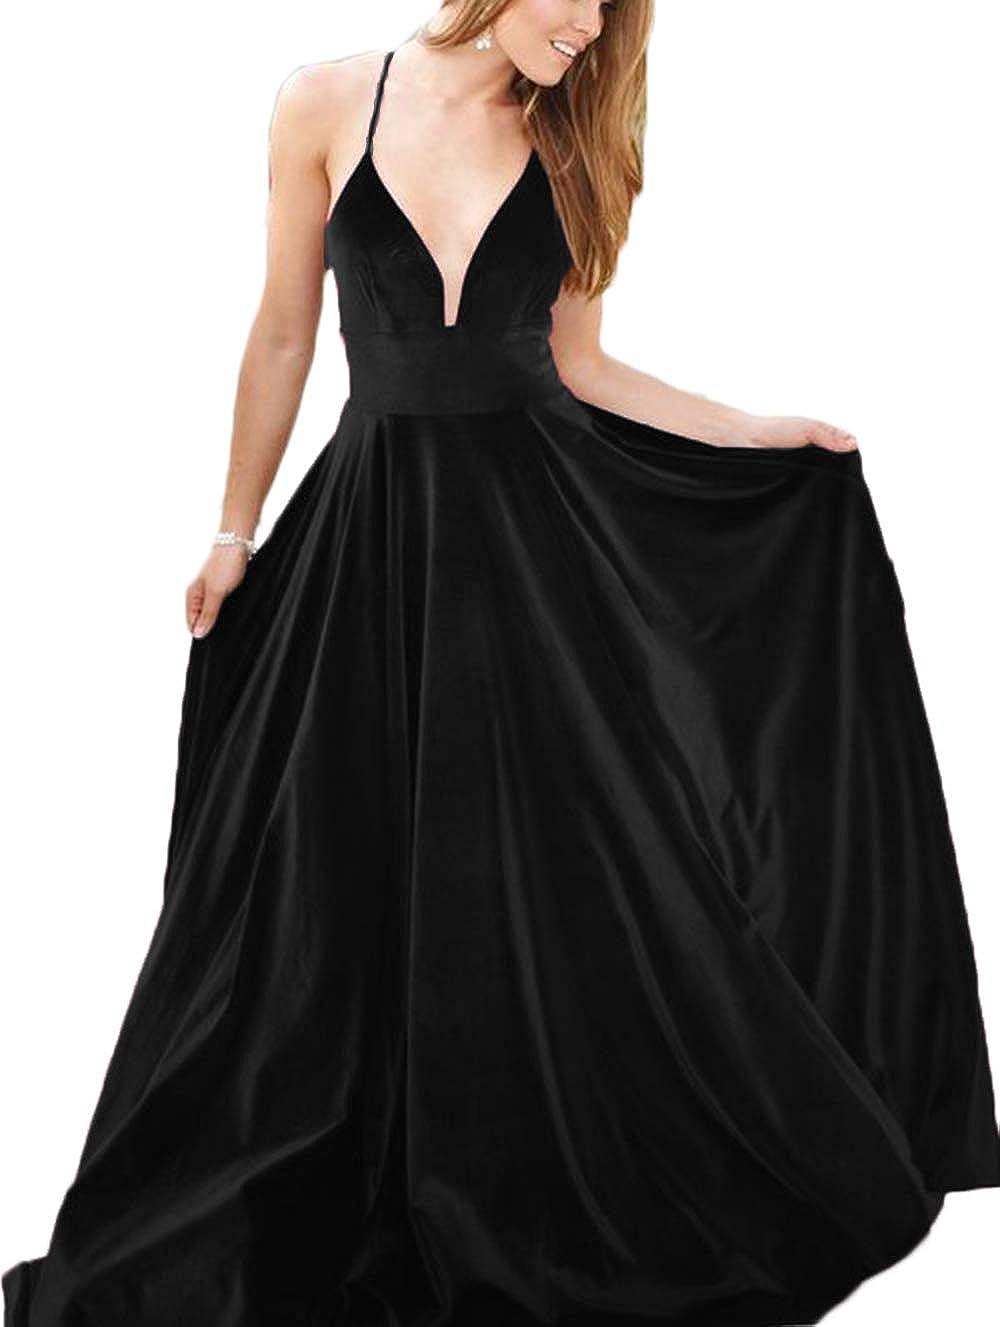 Black Ri Yun Women's Velvet Spaghetti Strap Prom Dresses Long 2019 ALine Backless Formal Evening Ball Gowns